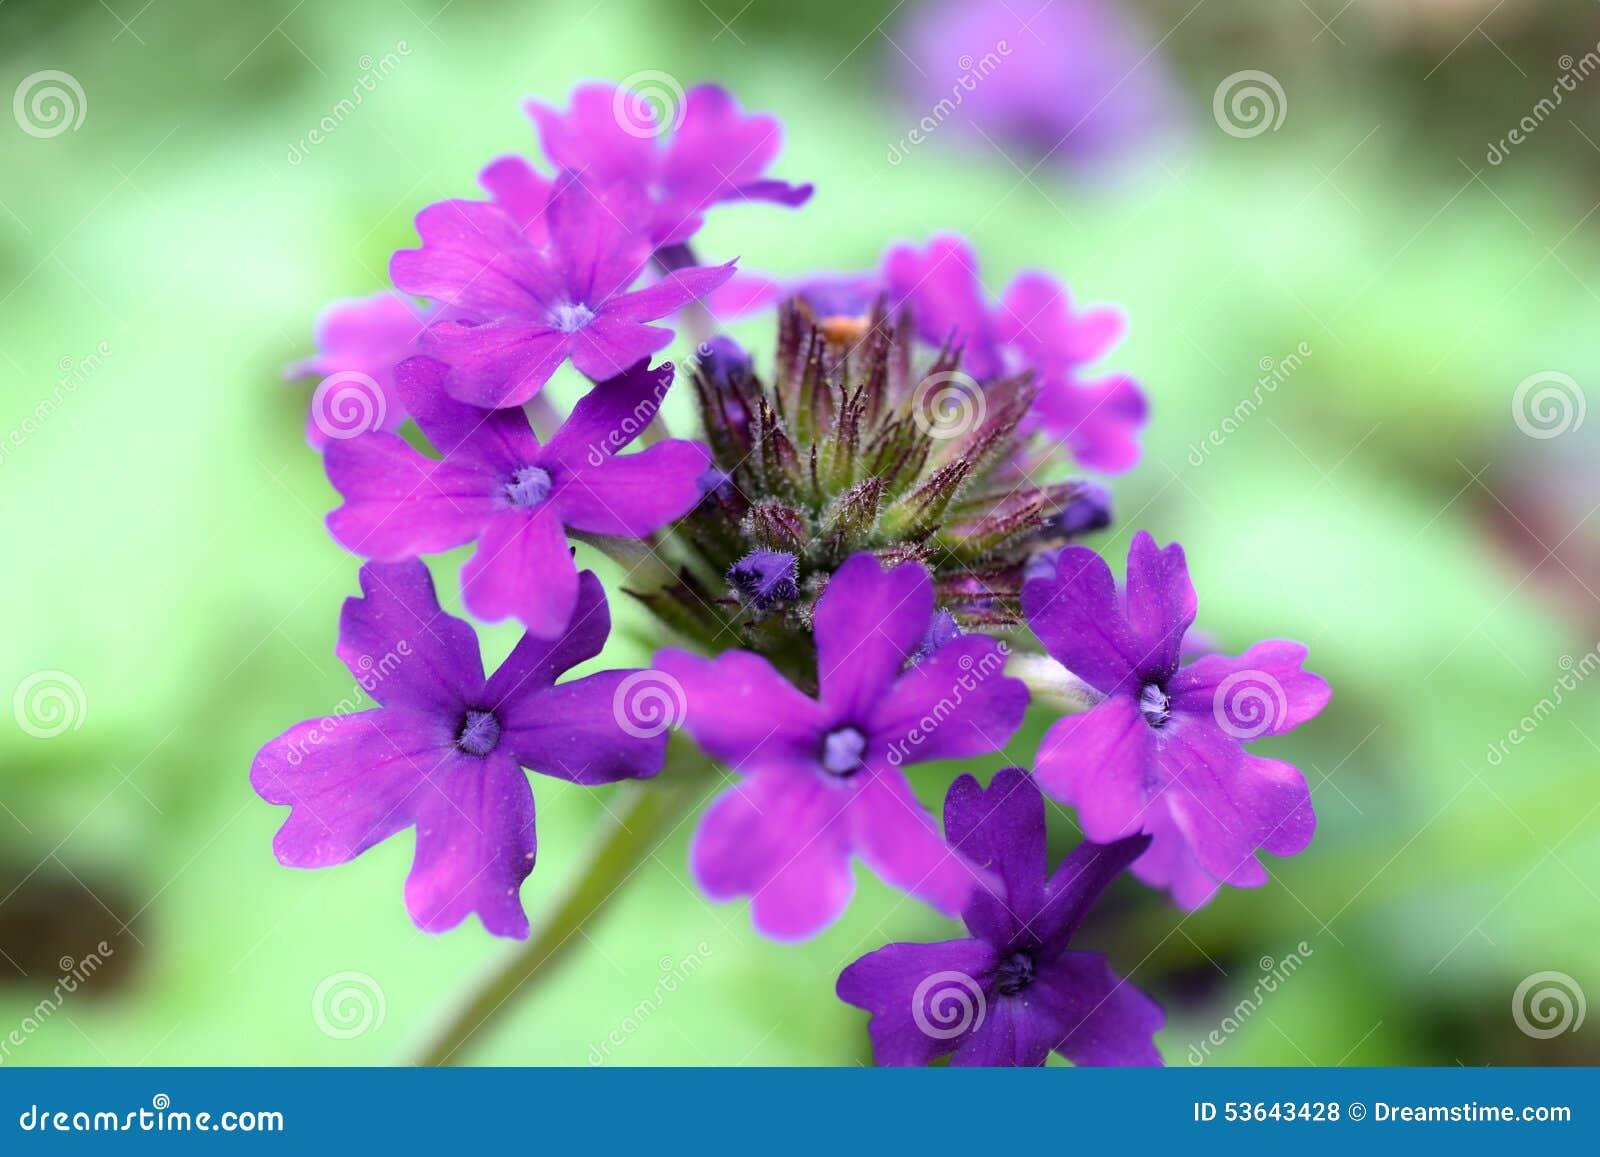 Фиолетовая группа гибрида вербены